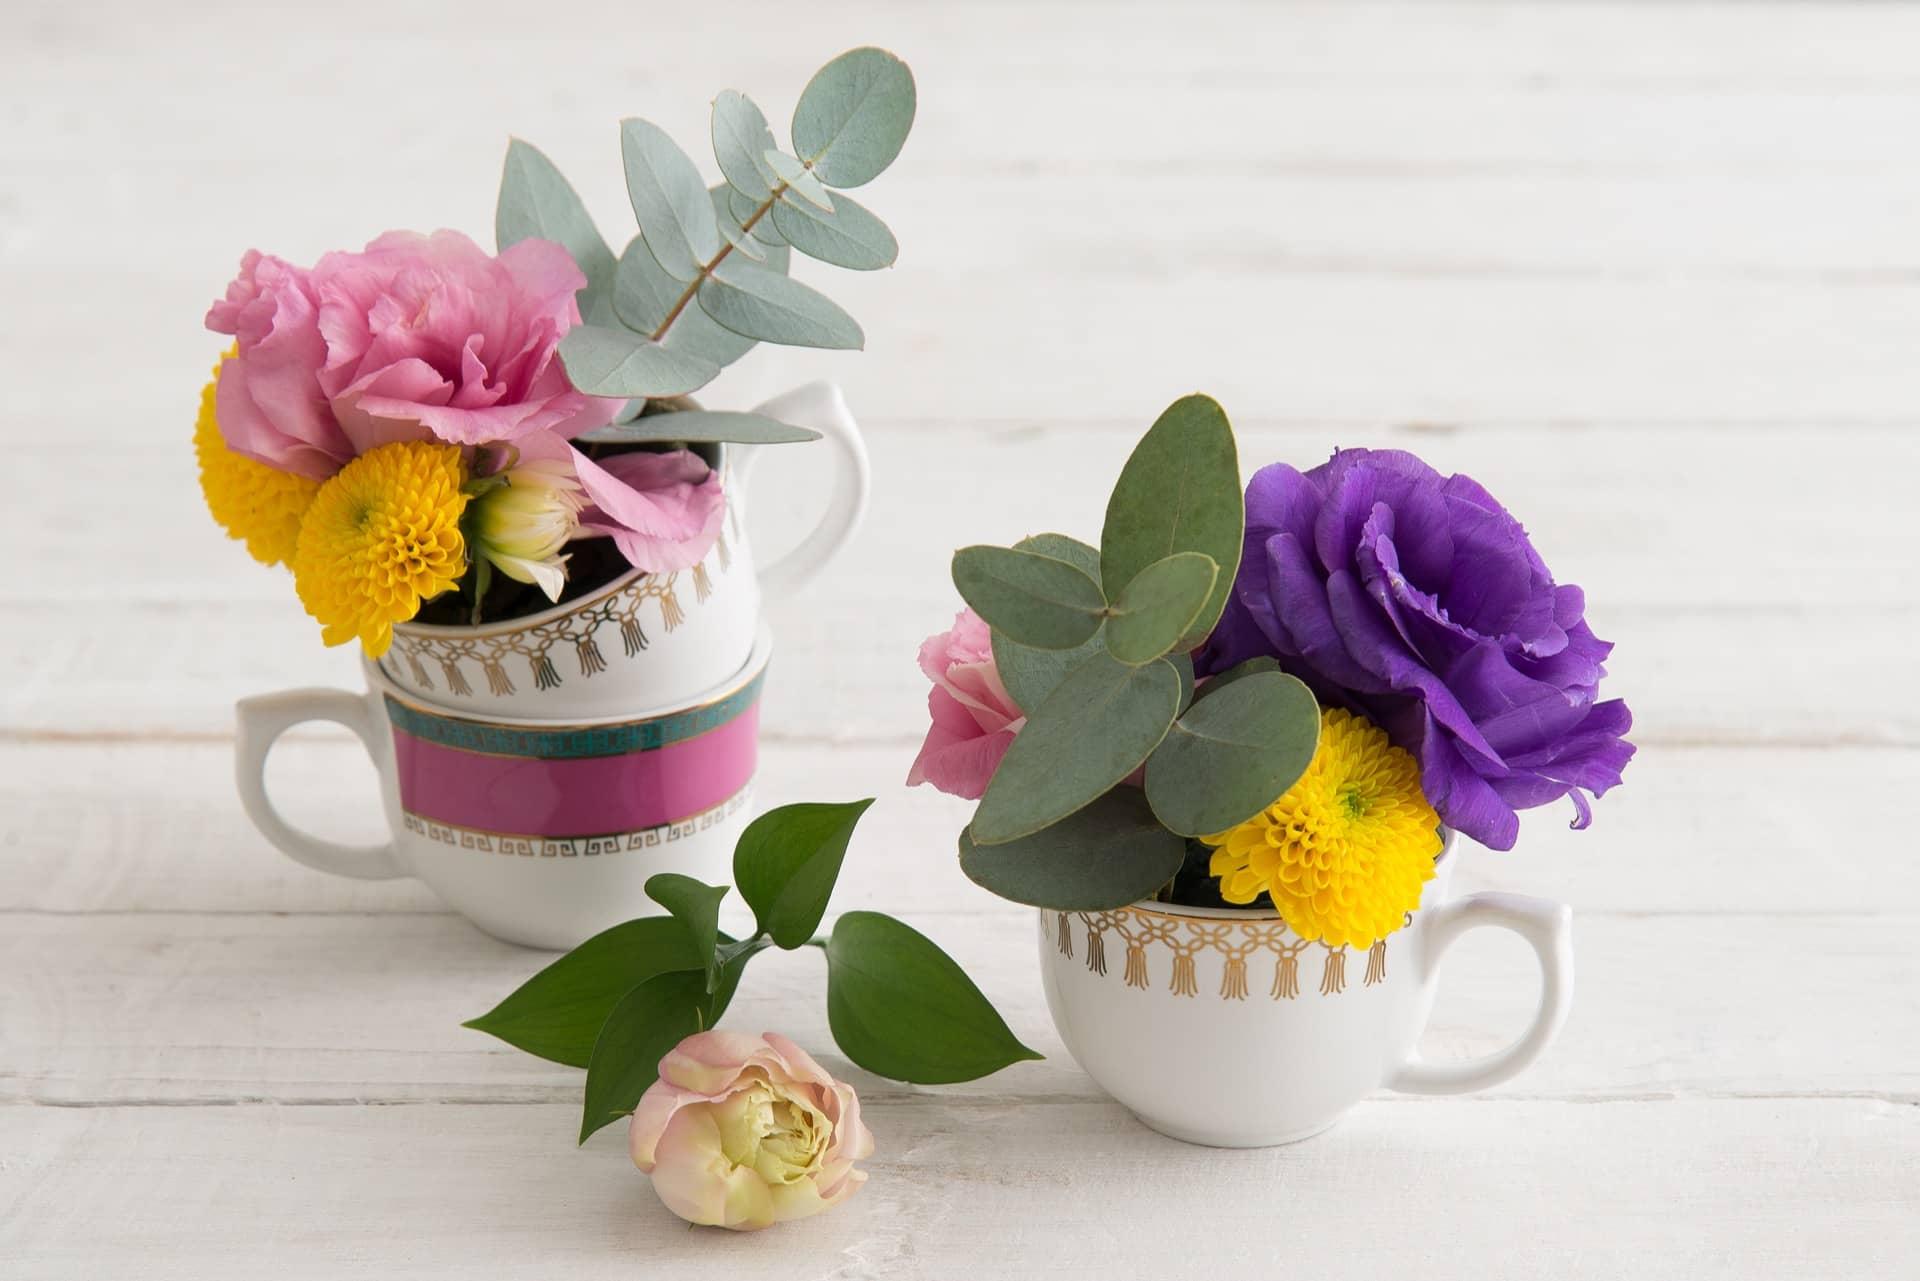 Imagem: O arranjo de flores na xícara é pura poesia! Aqui, usamos duas xícaras da linha Flamingo Macramê e uma da linha Joia Brasileira, ambas da Oxford Porcelanas. Foto: Cacá Bratke.